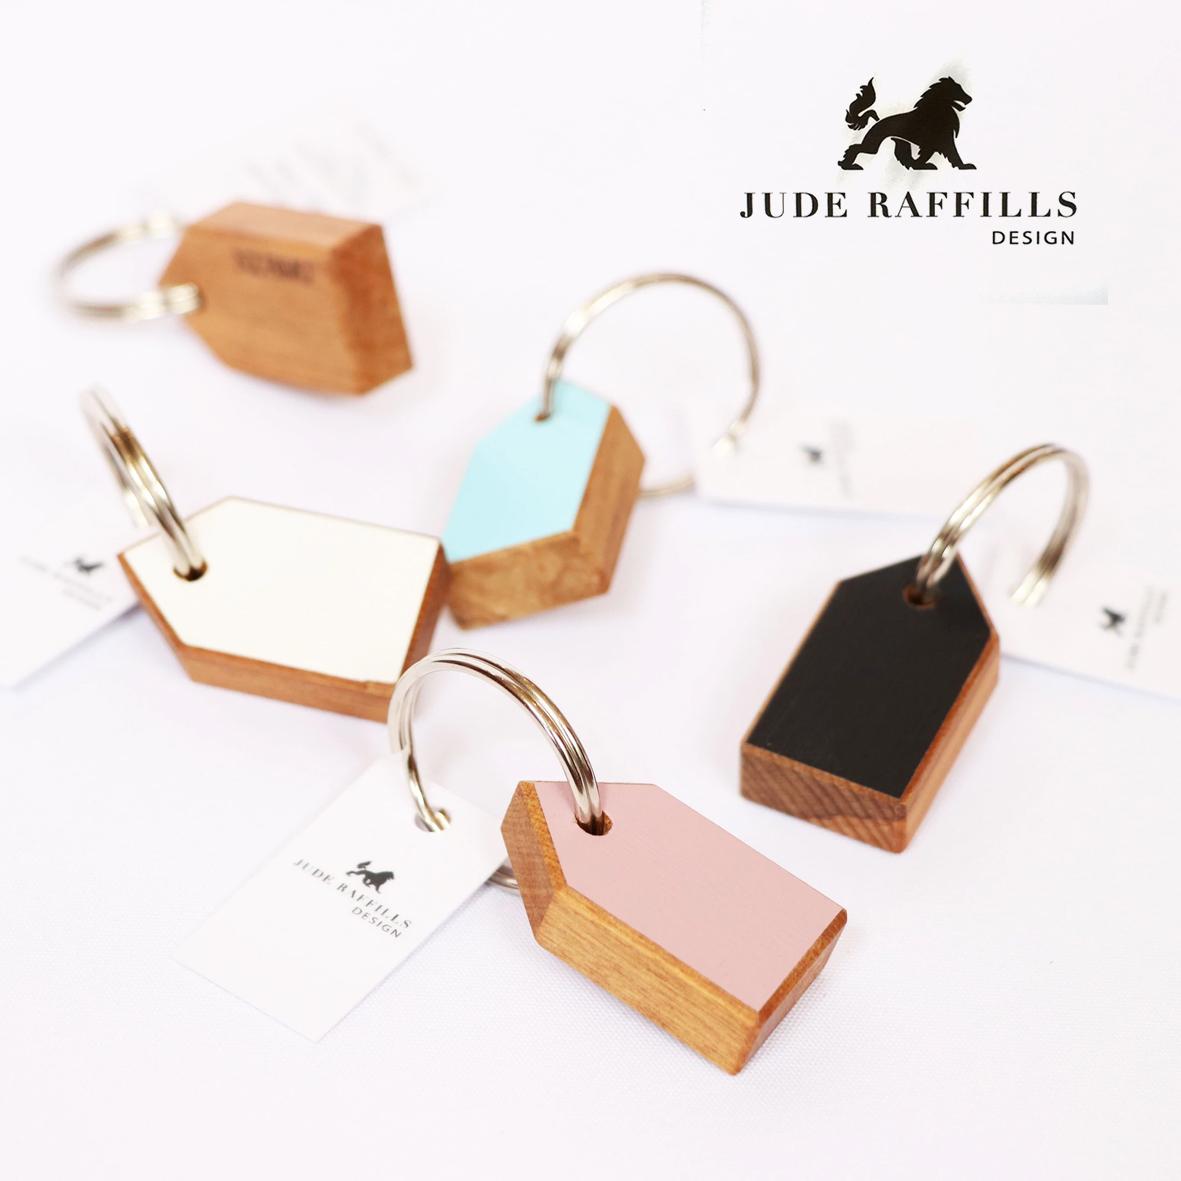 Jude Raffills Design.jpg